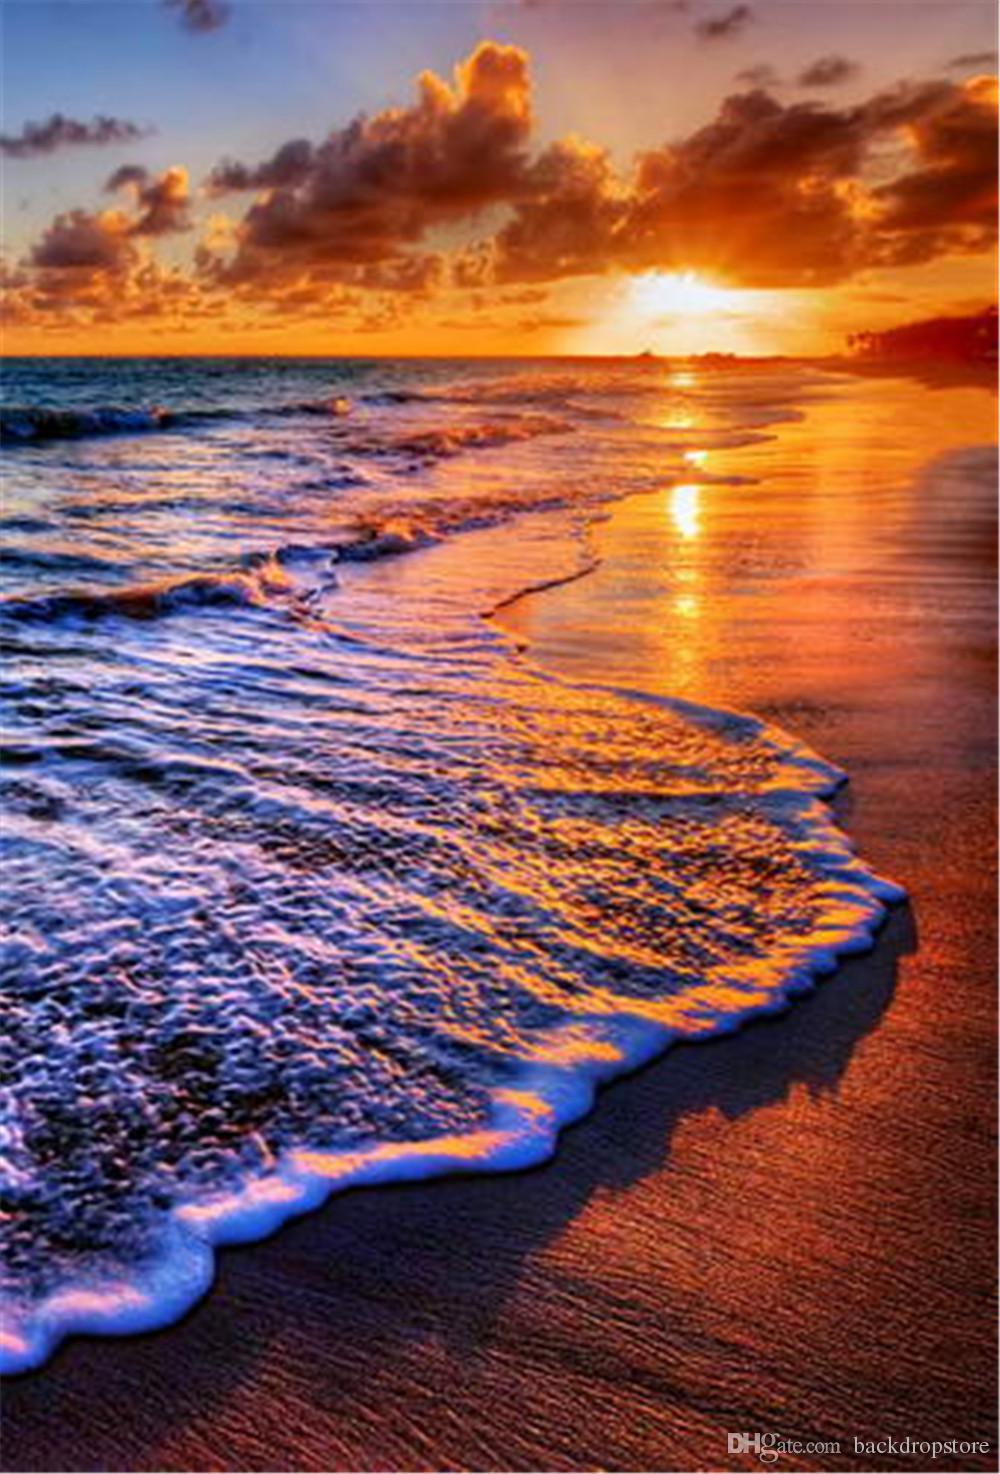 Mer Plein Romantique Backdrops De Paysages Paysage Soleil Magnifique En Photographie Bord Vagues Plage Nuages Air Mariage Couleur Coucher L35ARjq4Sc